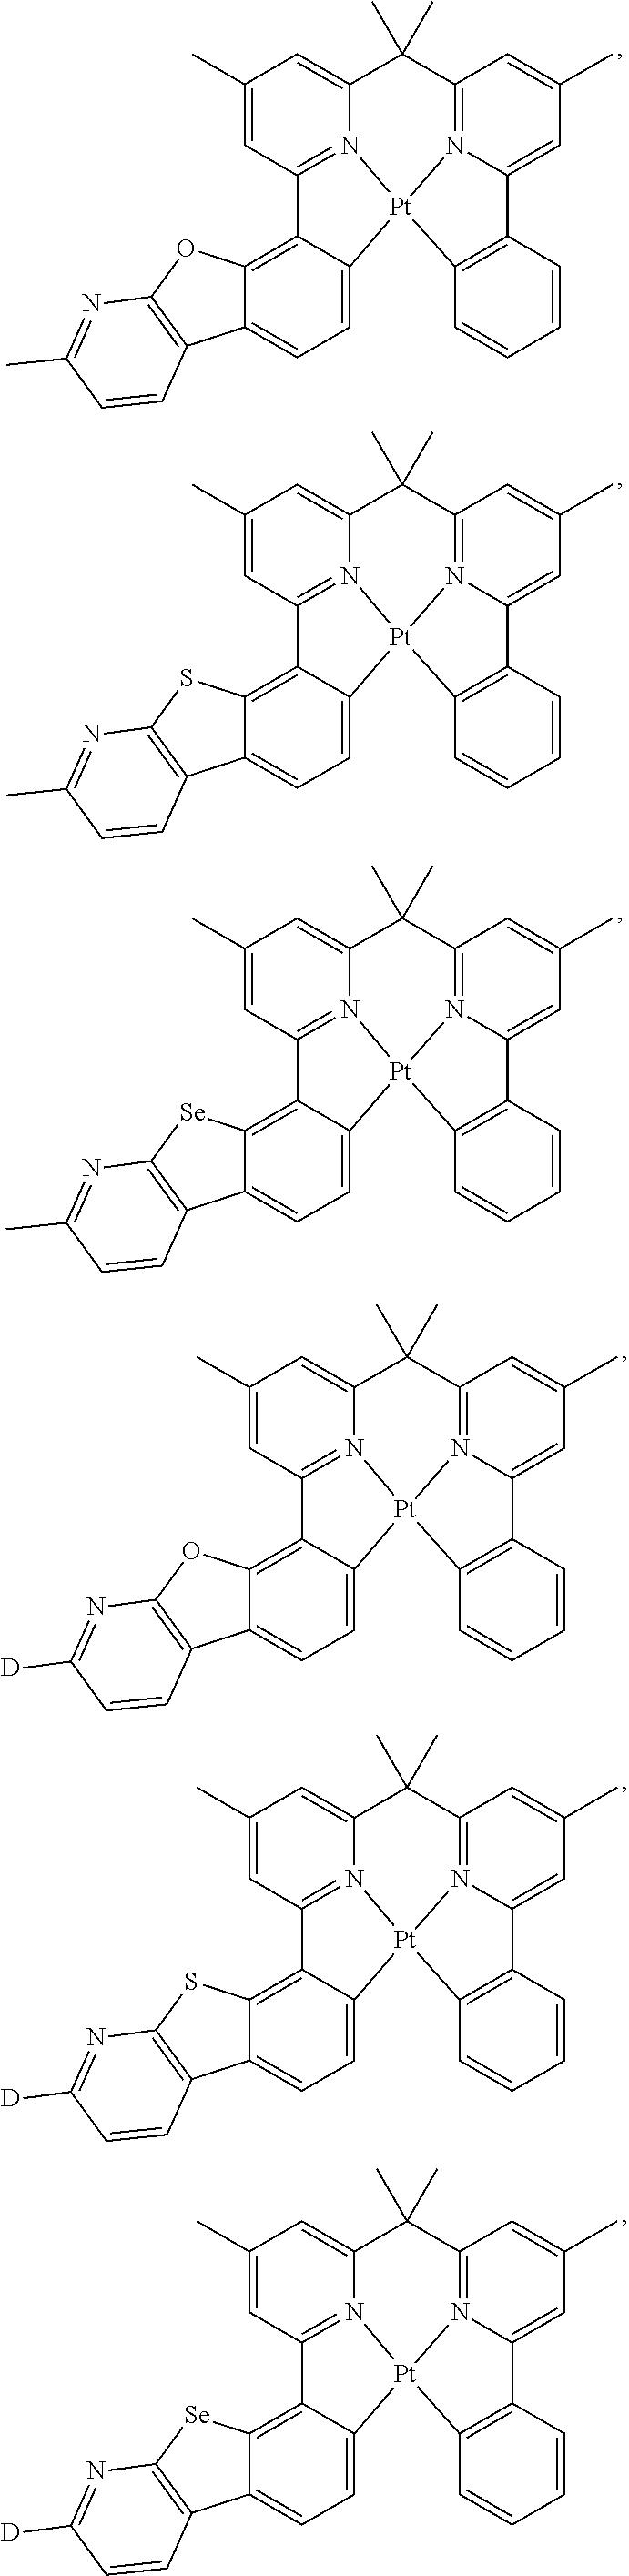 Figure US09871214-20180116-C00010